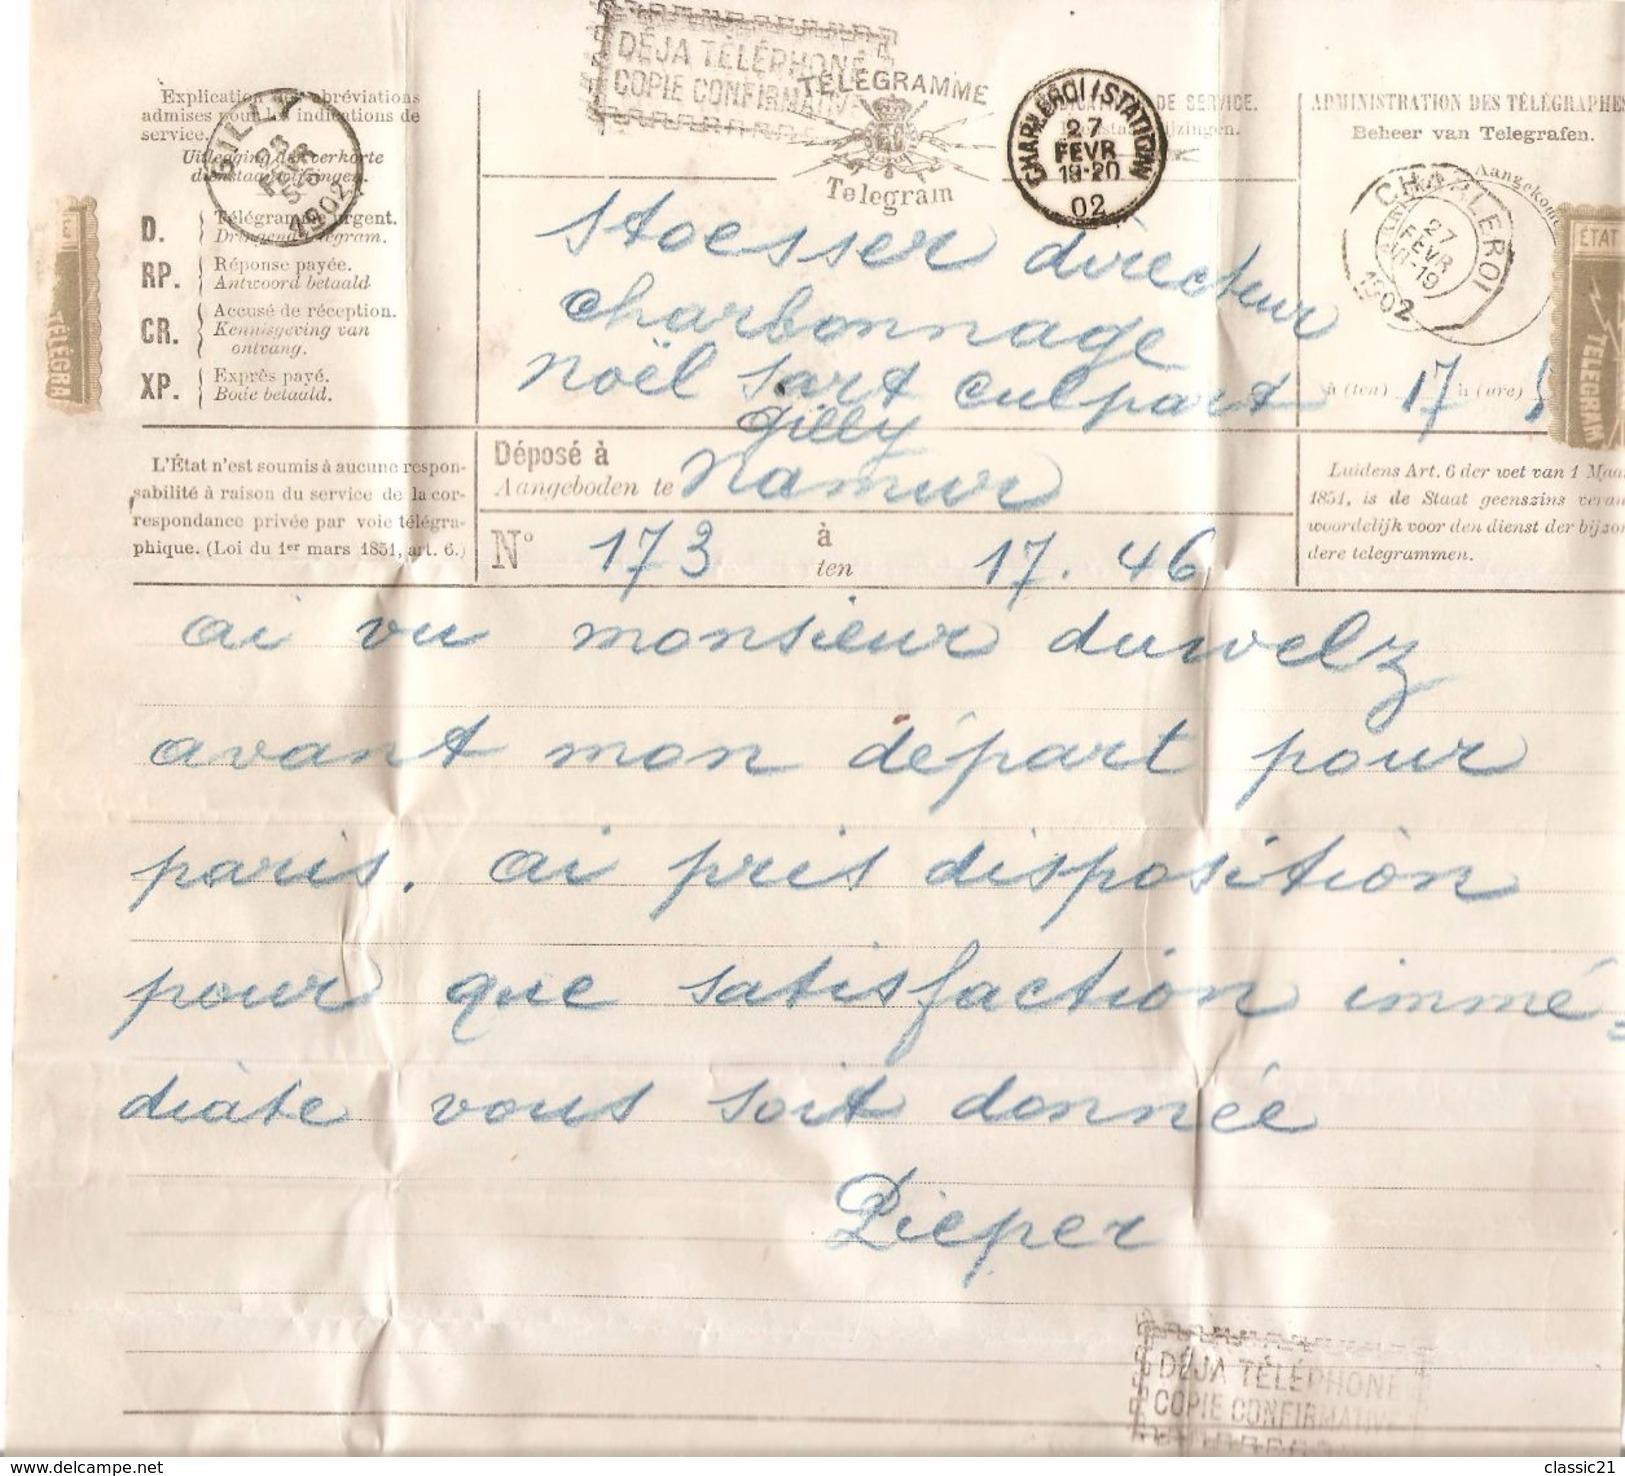 Télégramme Déposé à Namur + Griffe Déjà Téléphoné Copie Confirmative C.T.T.Charleroi 27/2/1902+Station Et Gilly 994 - Telekommunikation